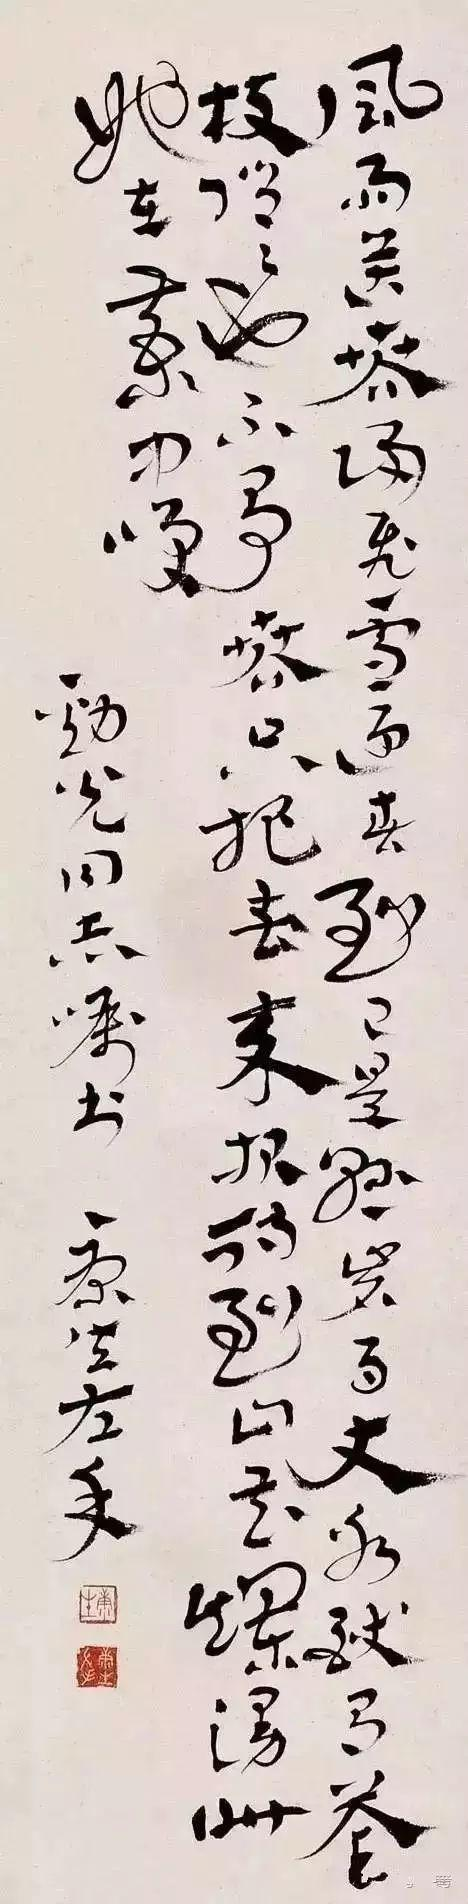 书法瞧不起郭沫若,绘画不服齐白石,此人为何如此狂傲?